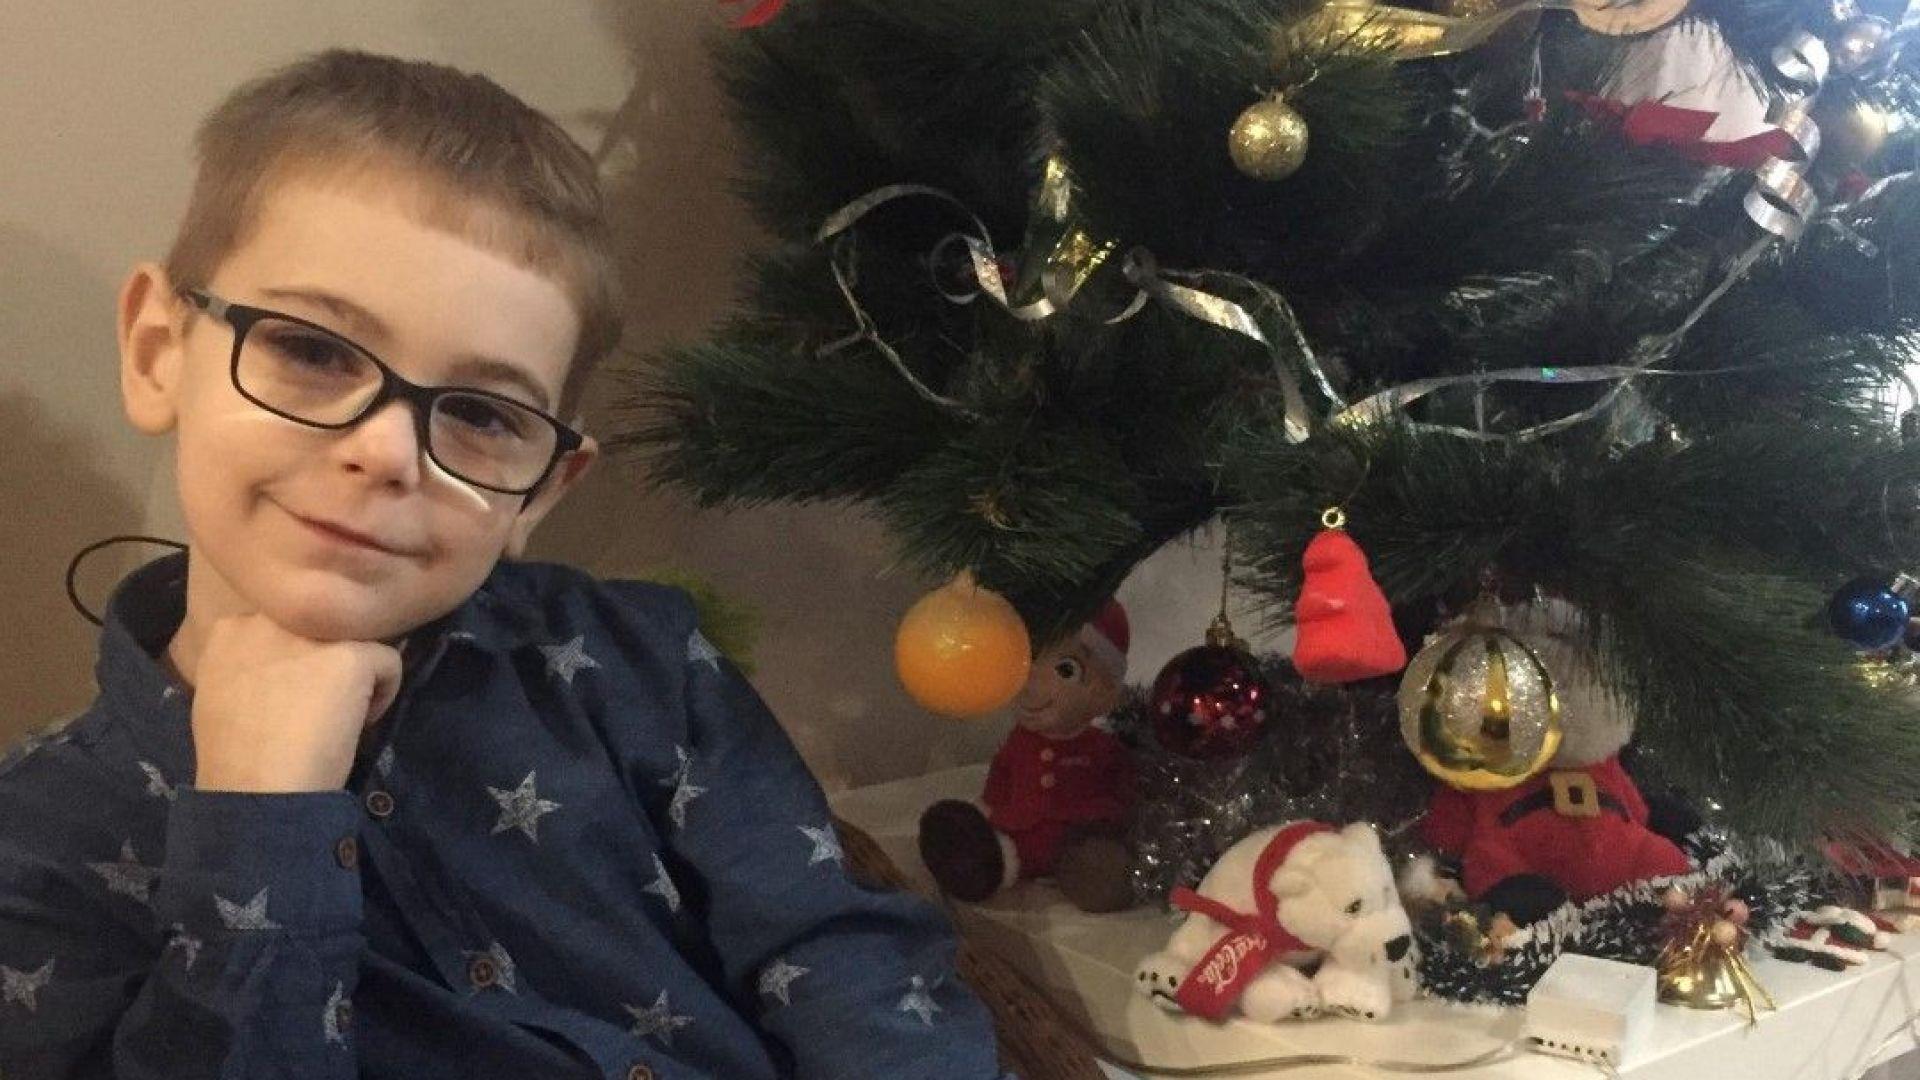 За трета поредна година слънчевият Николай участва в Българската Коледа.